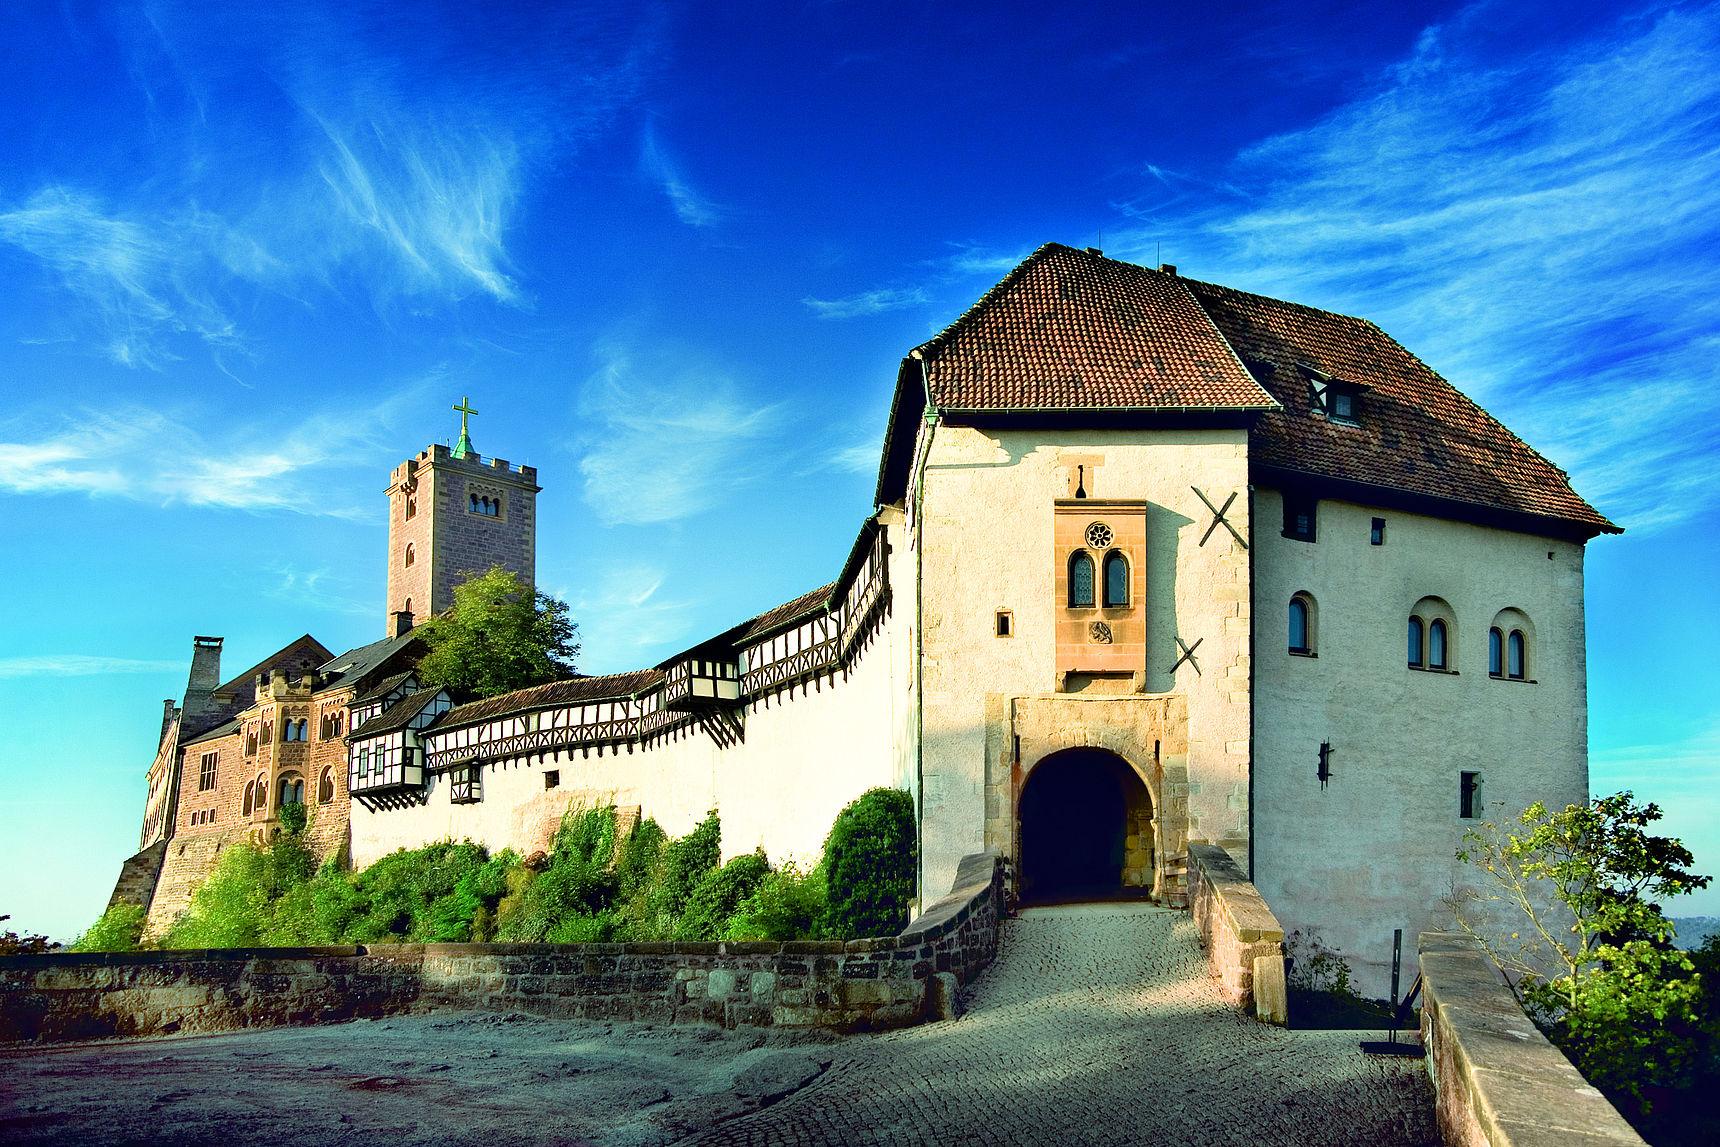 Seit 1999 UNESCO-Welterbe – die Wartburg in Eisenach.